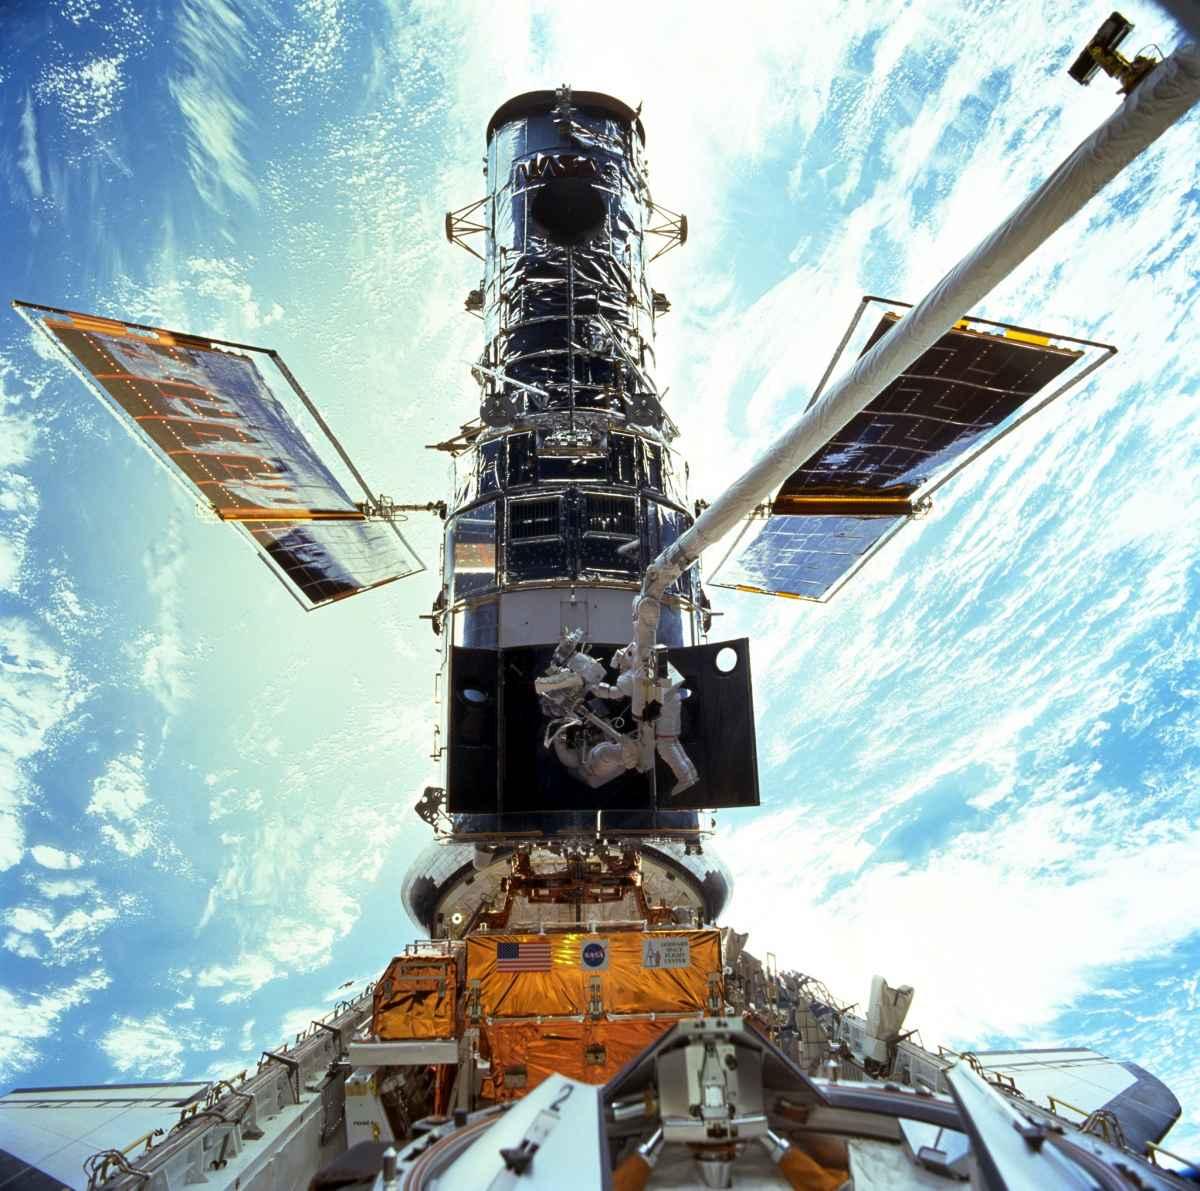 تصویری از دو فضانورد ناسا را می بینید که در سال 1999 بر فراز زمین عملیات تعمیر و ترمیم تلسکوپ هابل را انجام دادند.